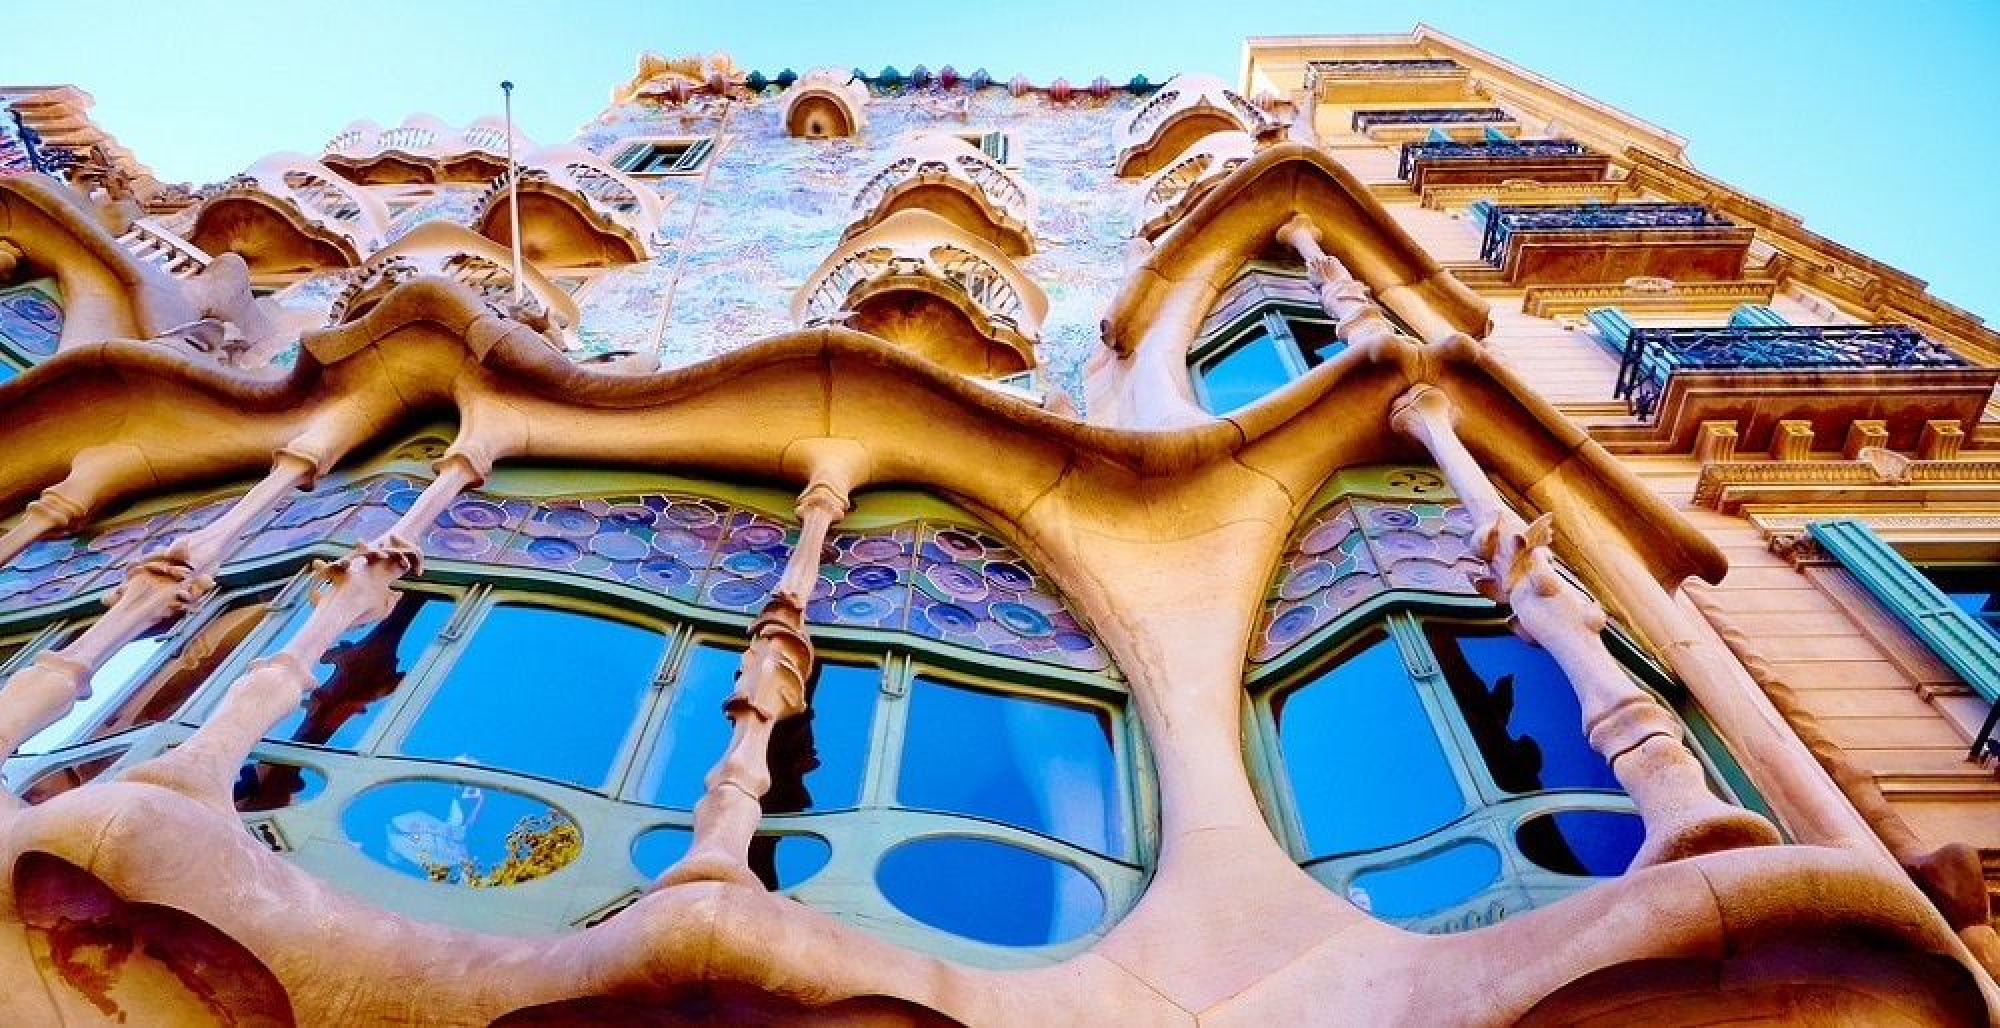 Visiter la casa batll barcelone l nigmatique maison - La maison barcelona ...